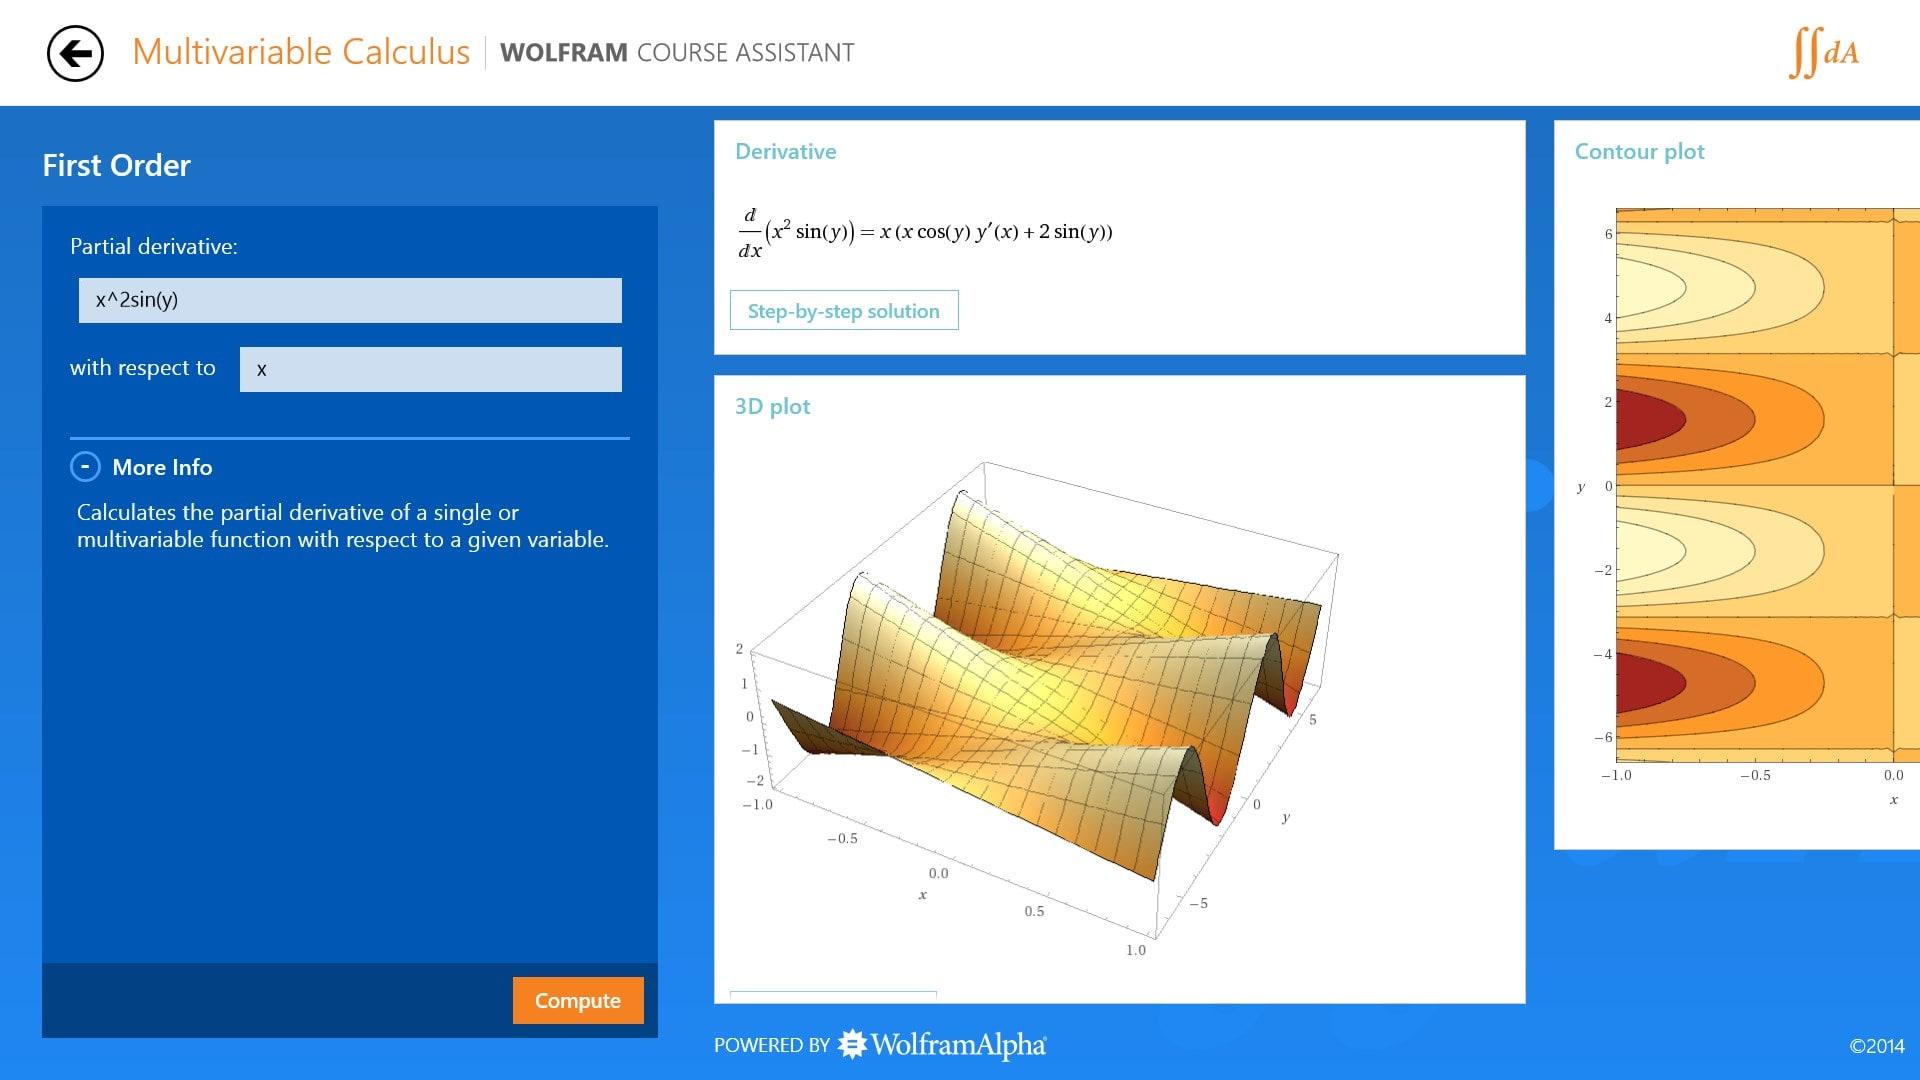 Multivariable Calculus Course Assistant